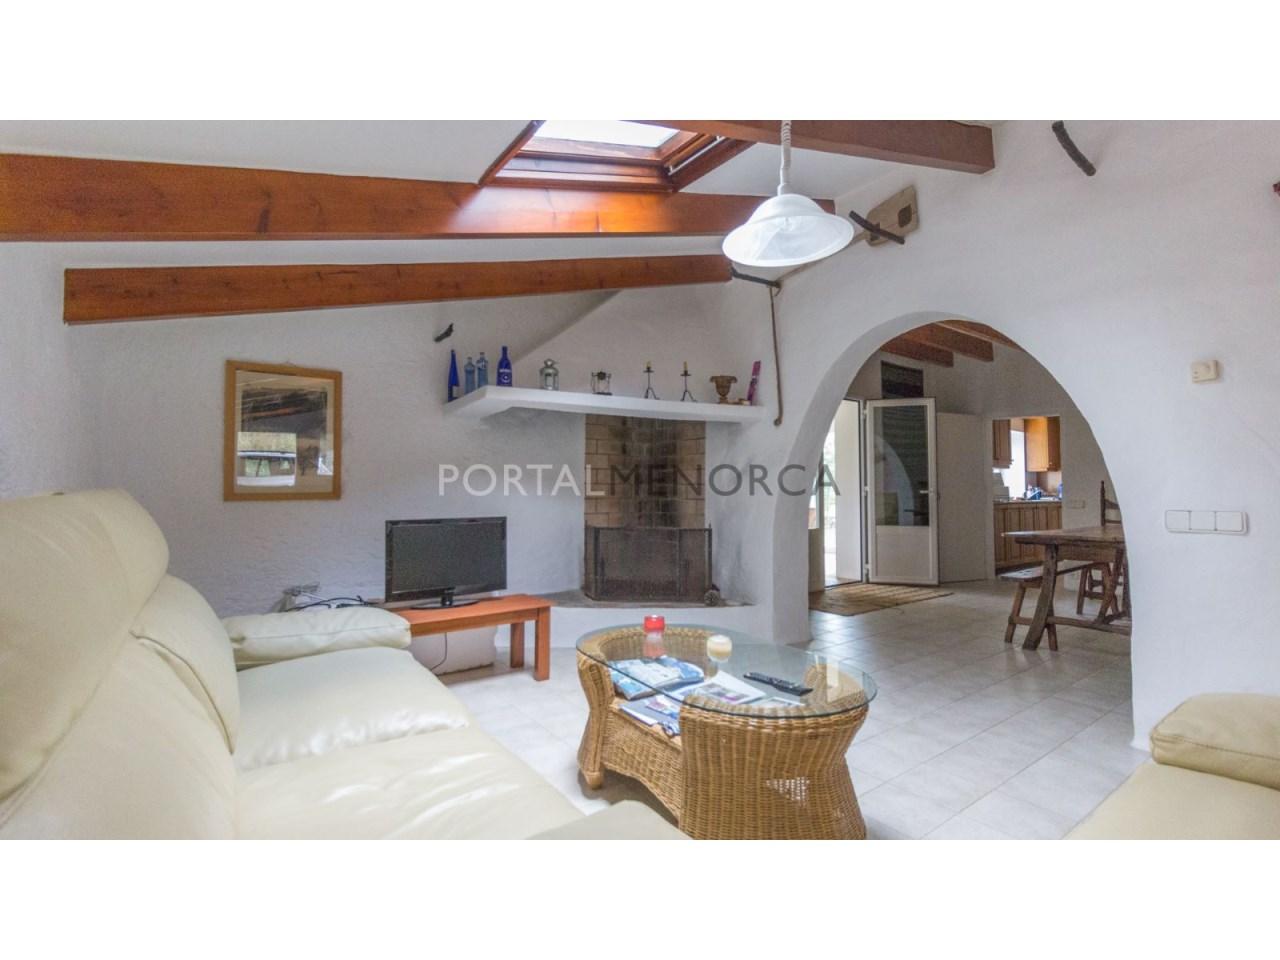 casa de campo en Sant Lluis, Menorca (2 de 22)